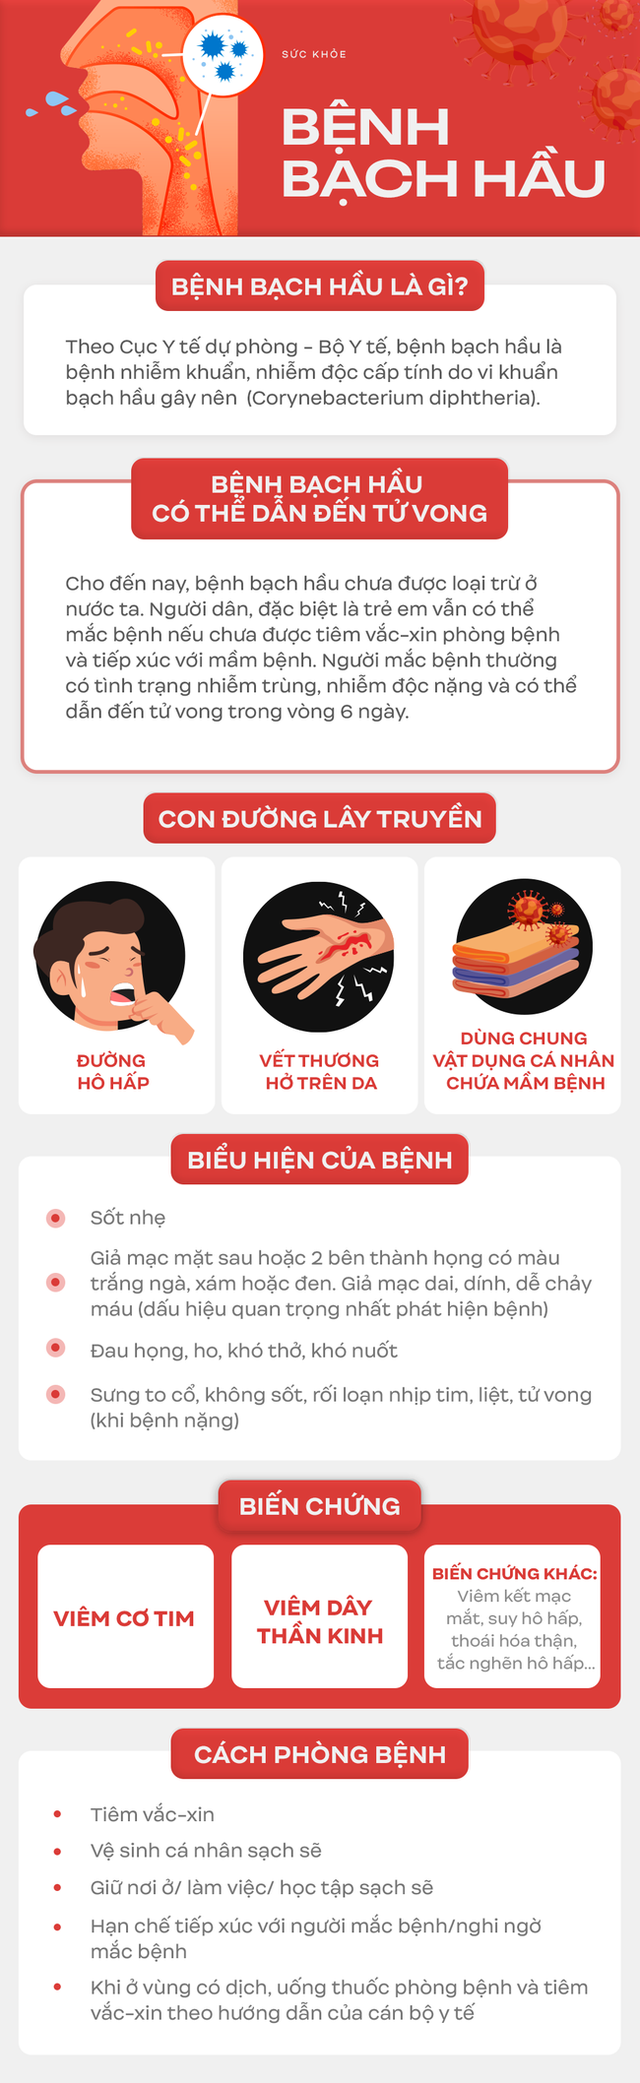 Dịch bạch hầu tại Đắk Nông khiến 1 trẻ tử vong và hơn 1 ngàn người phải cách ly: Biến chứng của bệnh bạch hầu rất nguy hiểm - Ảnh 3.